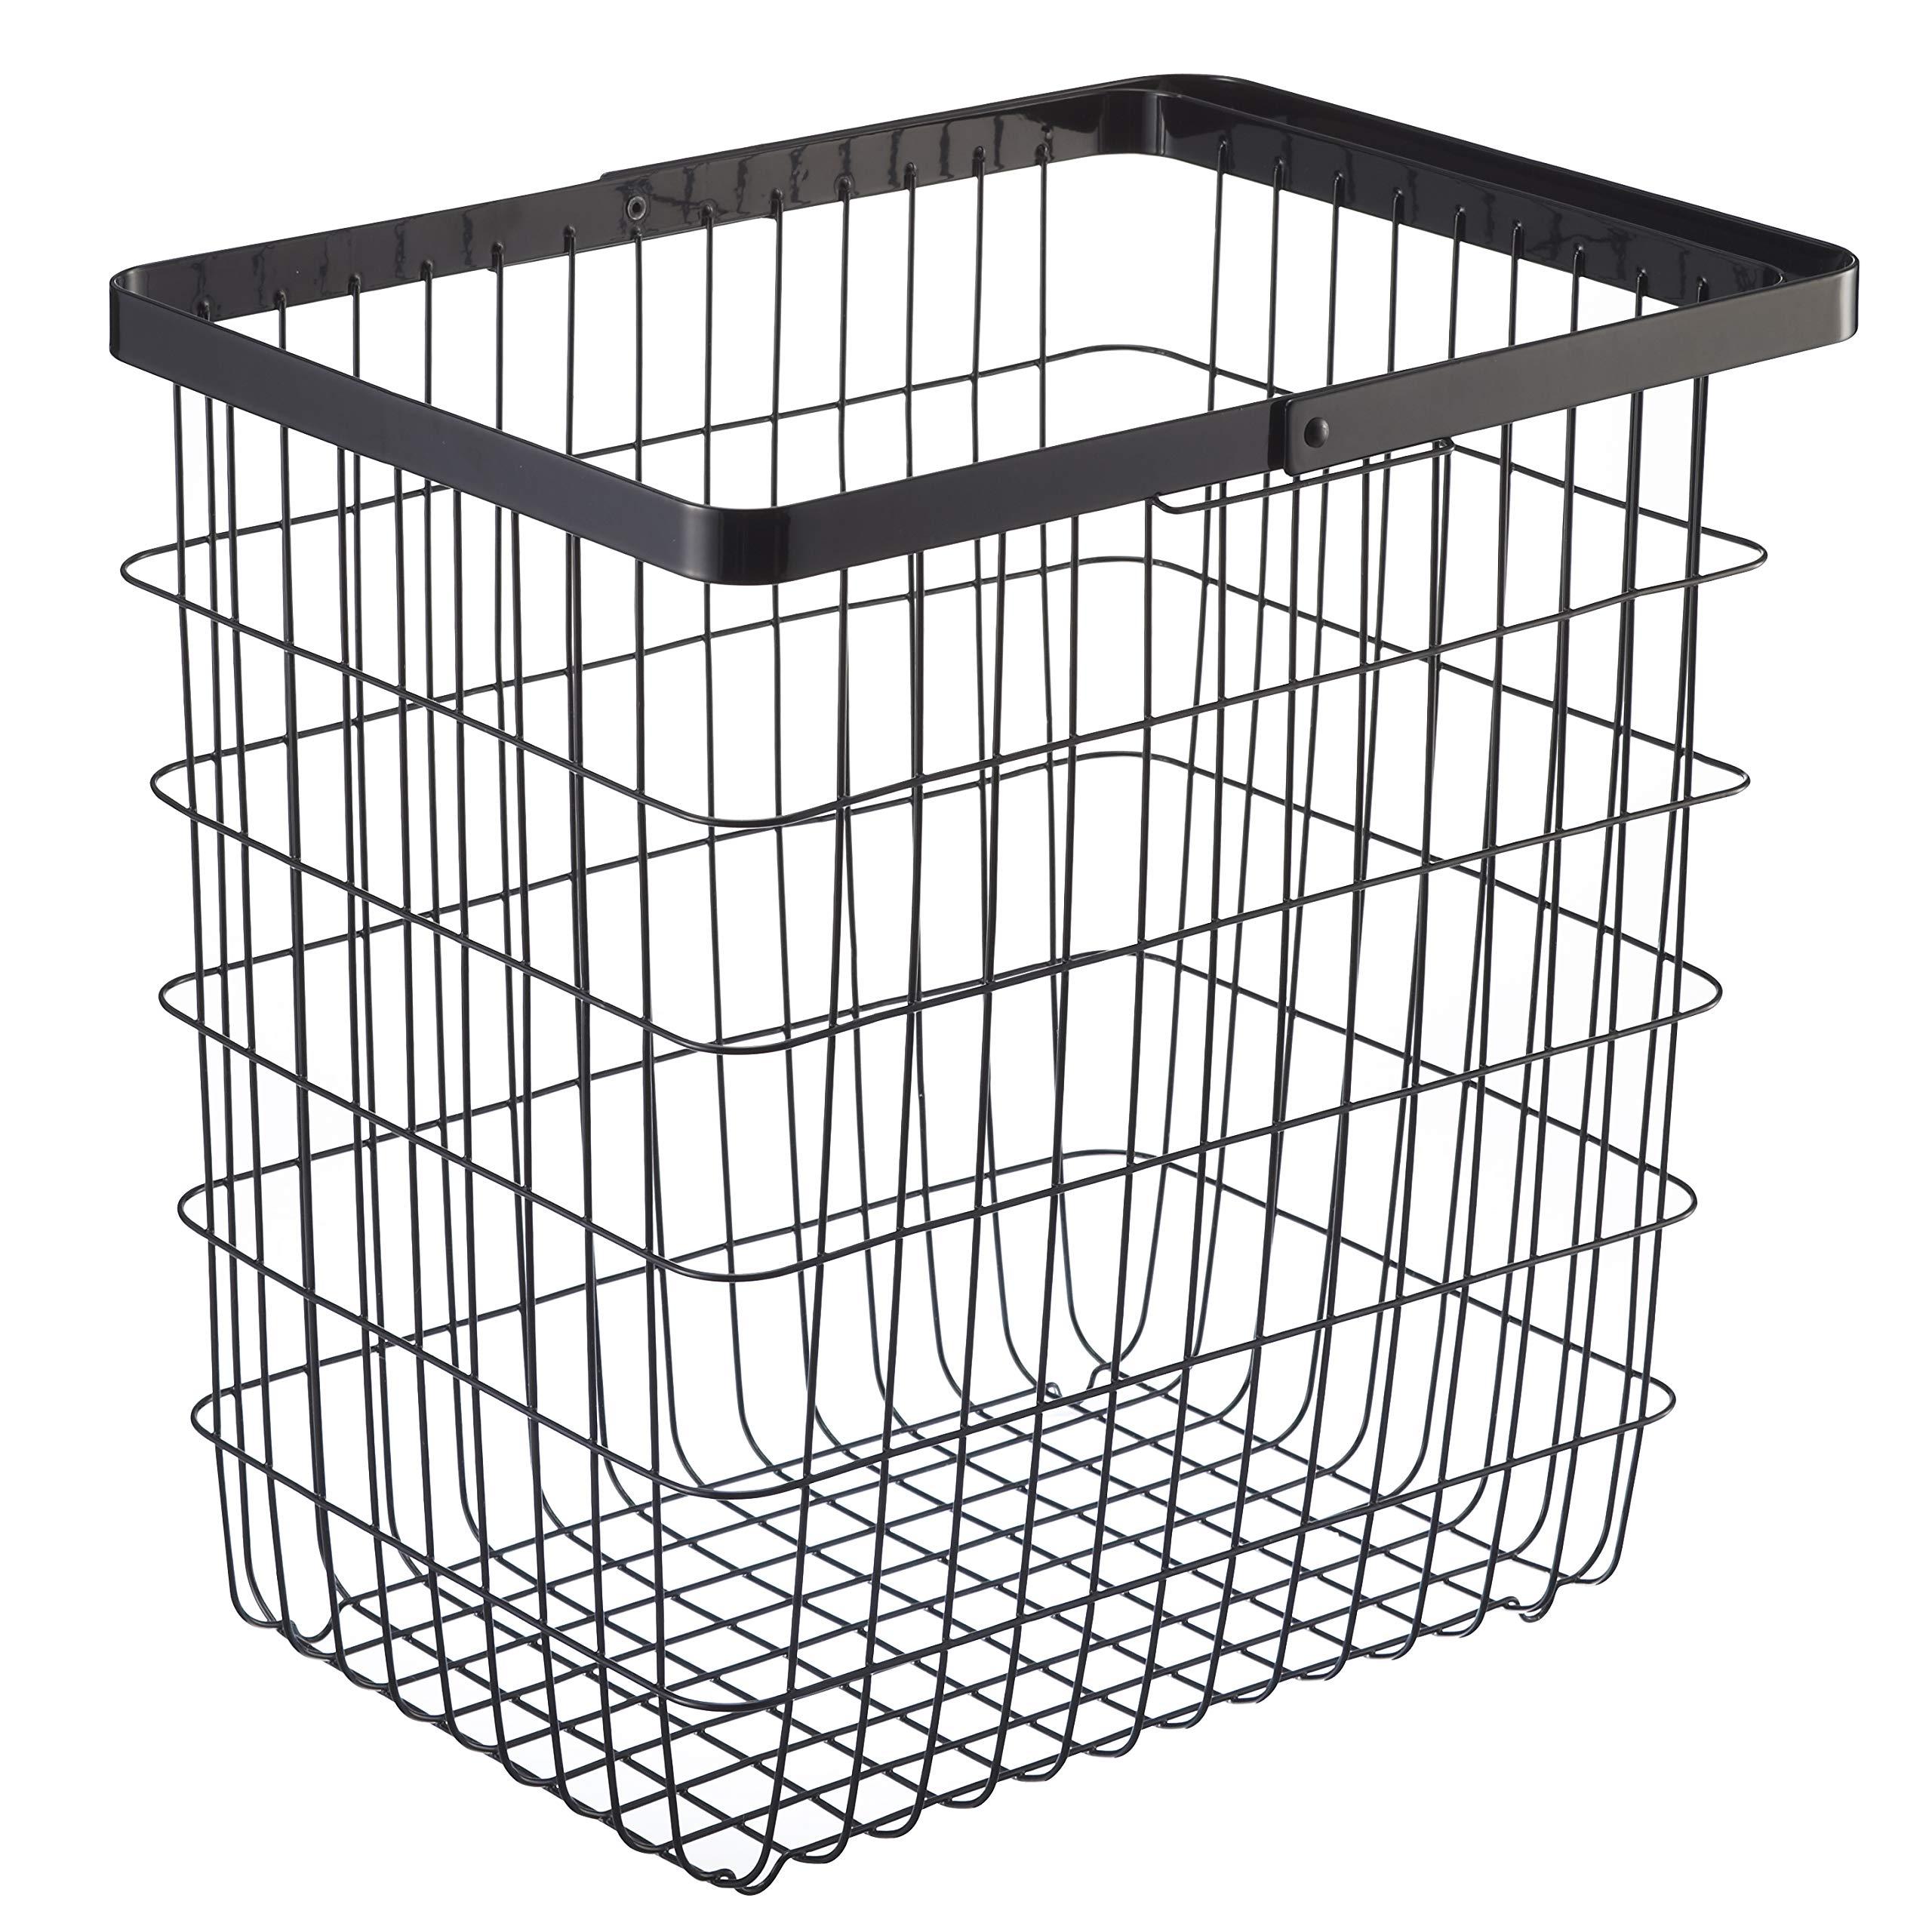 YAMAZAKI home 3163 Laundry Basket Large Storage Hamper, Black